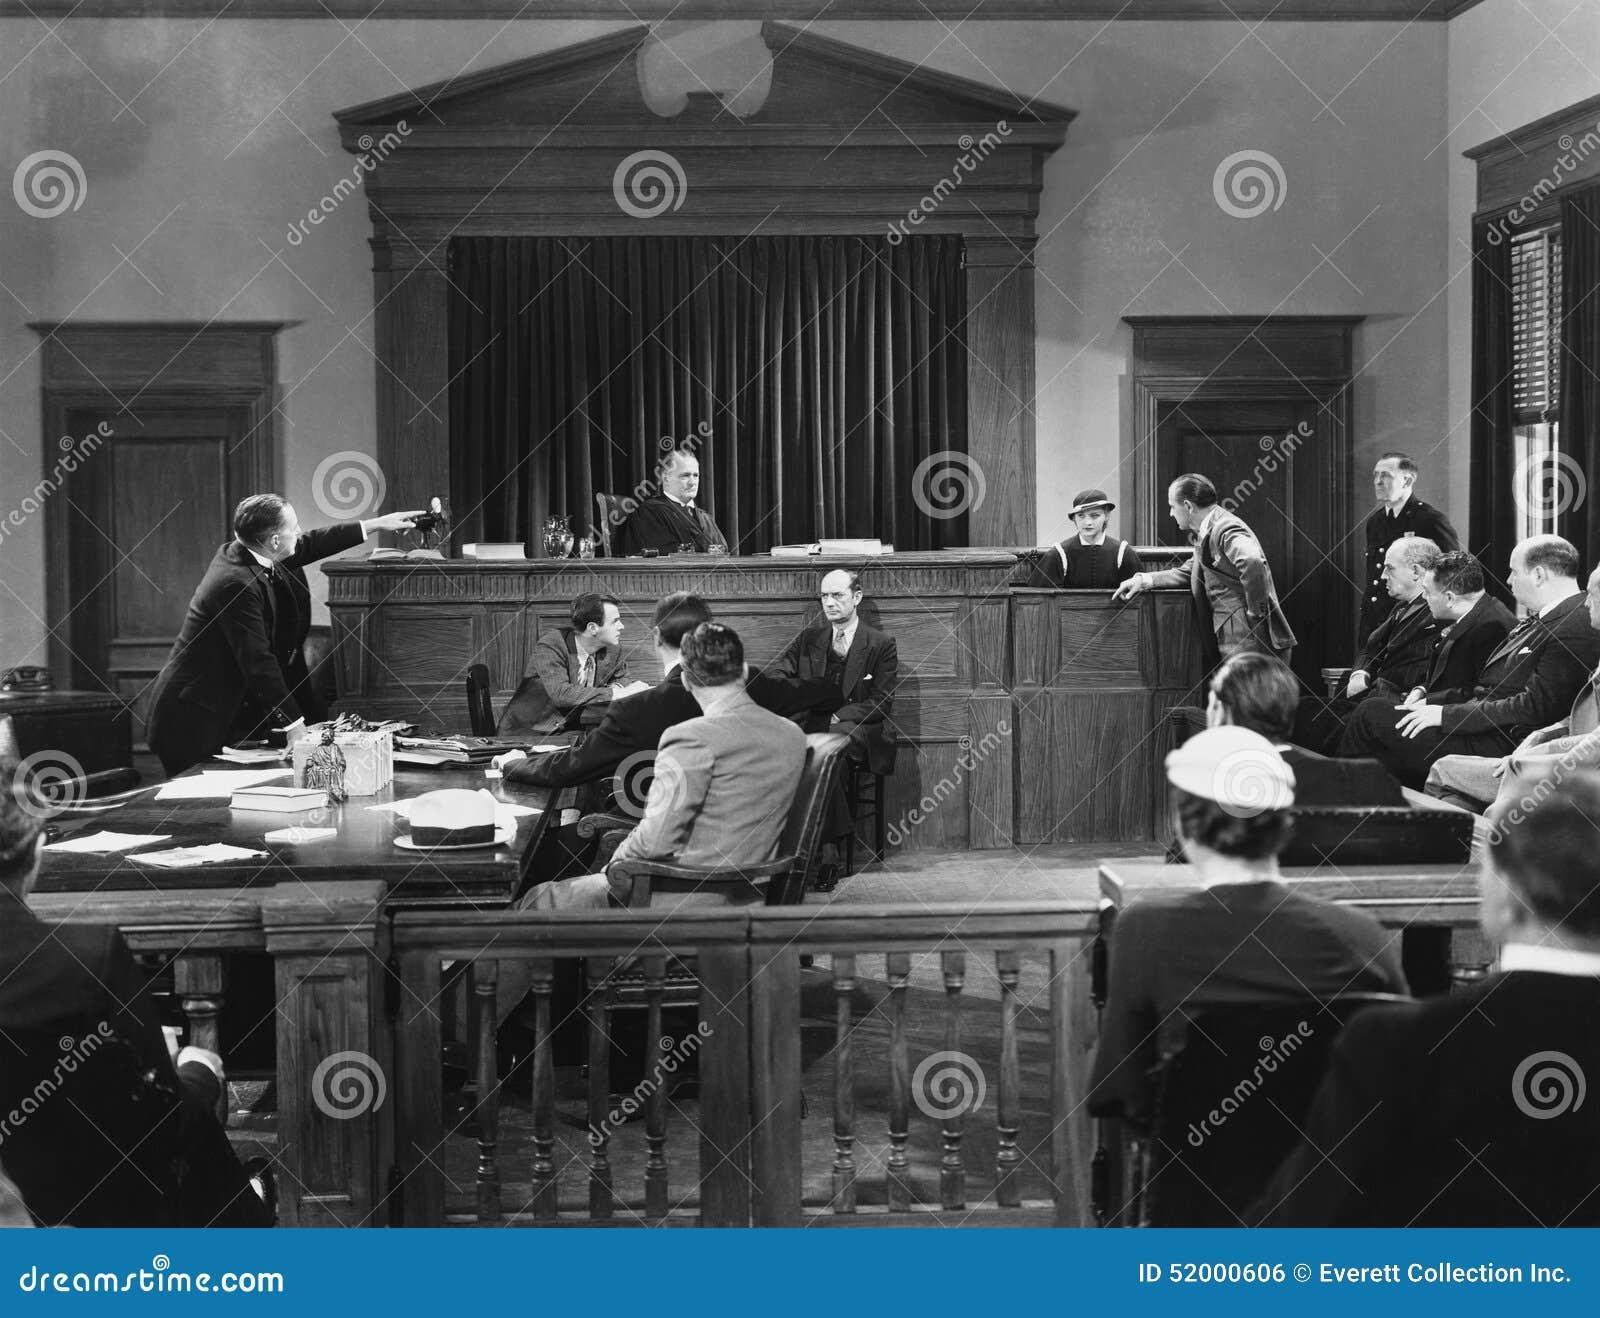 Σκηνή δικαστηρίων (όλα τα πρόσωπα που απεικονίζονται δεν ζουν περισσότερο και κανένα κτήμα δεν υπάρχει Εξουσιοδοτήσεις προμηθευτώ